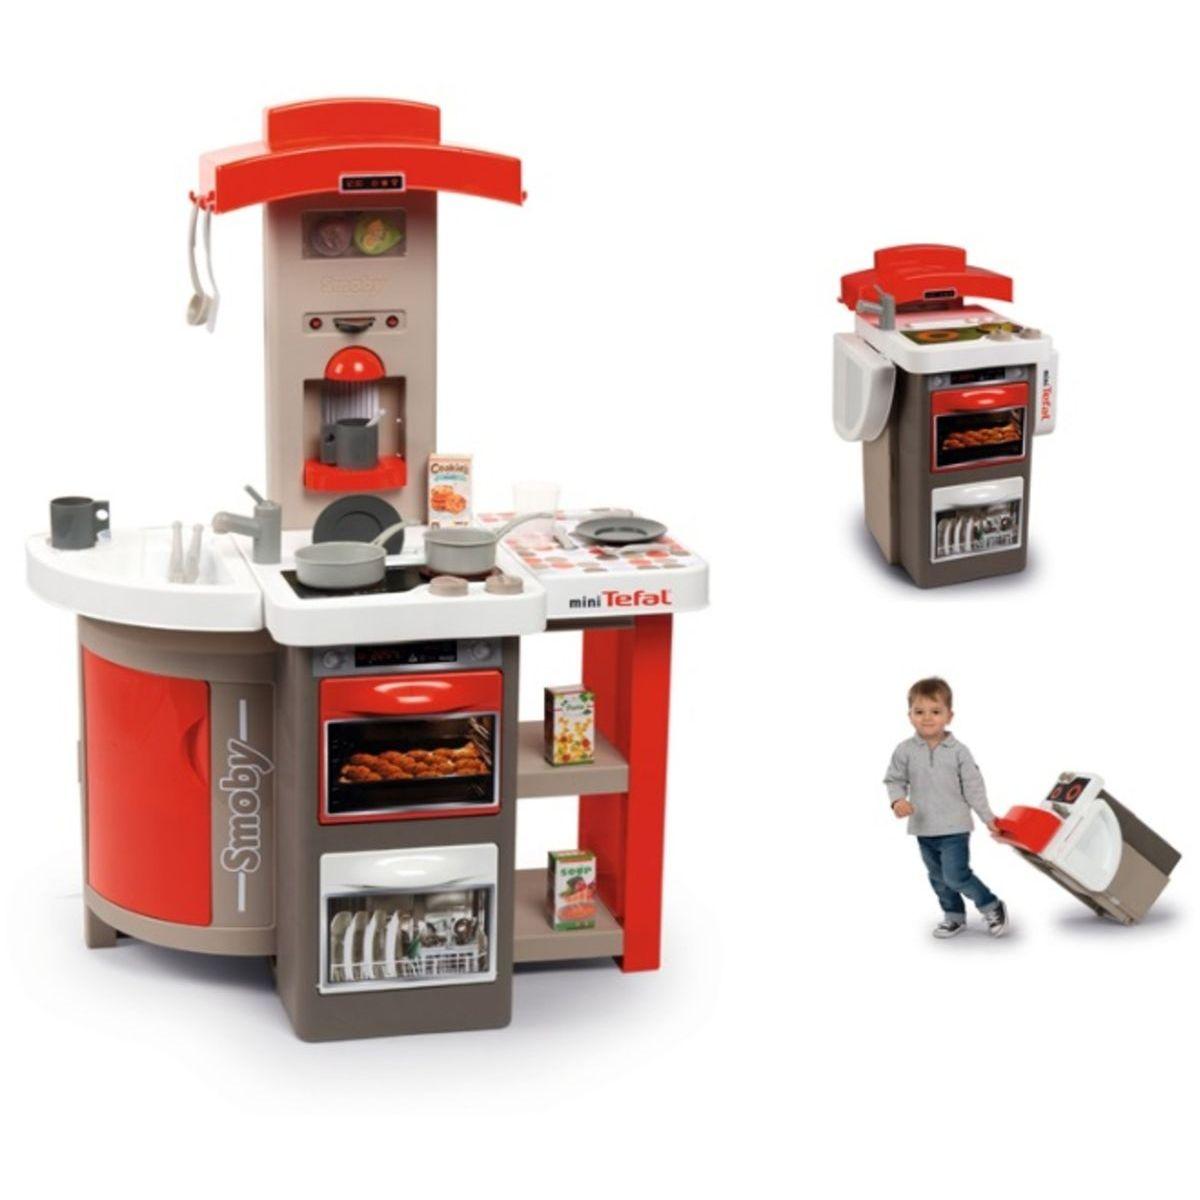 Smoby Kuchyňka Tefal skládací elektronická červená